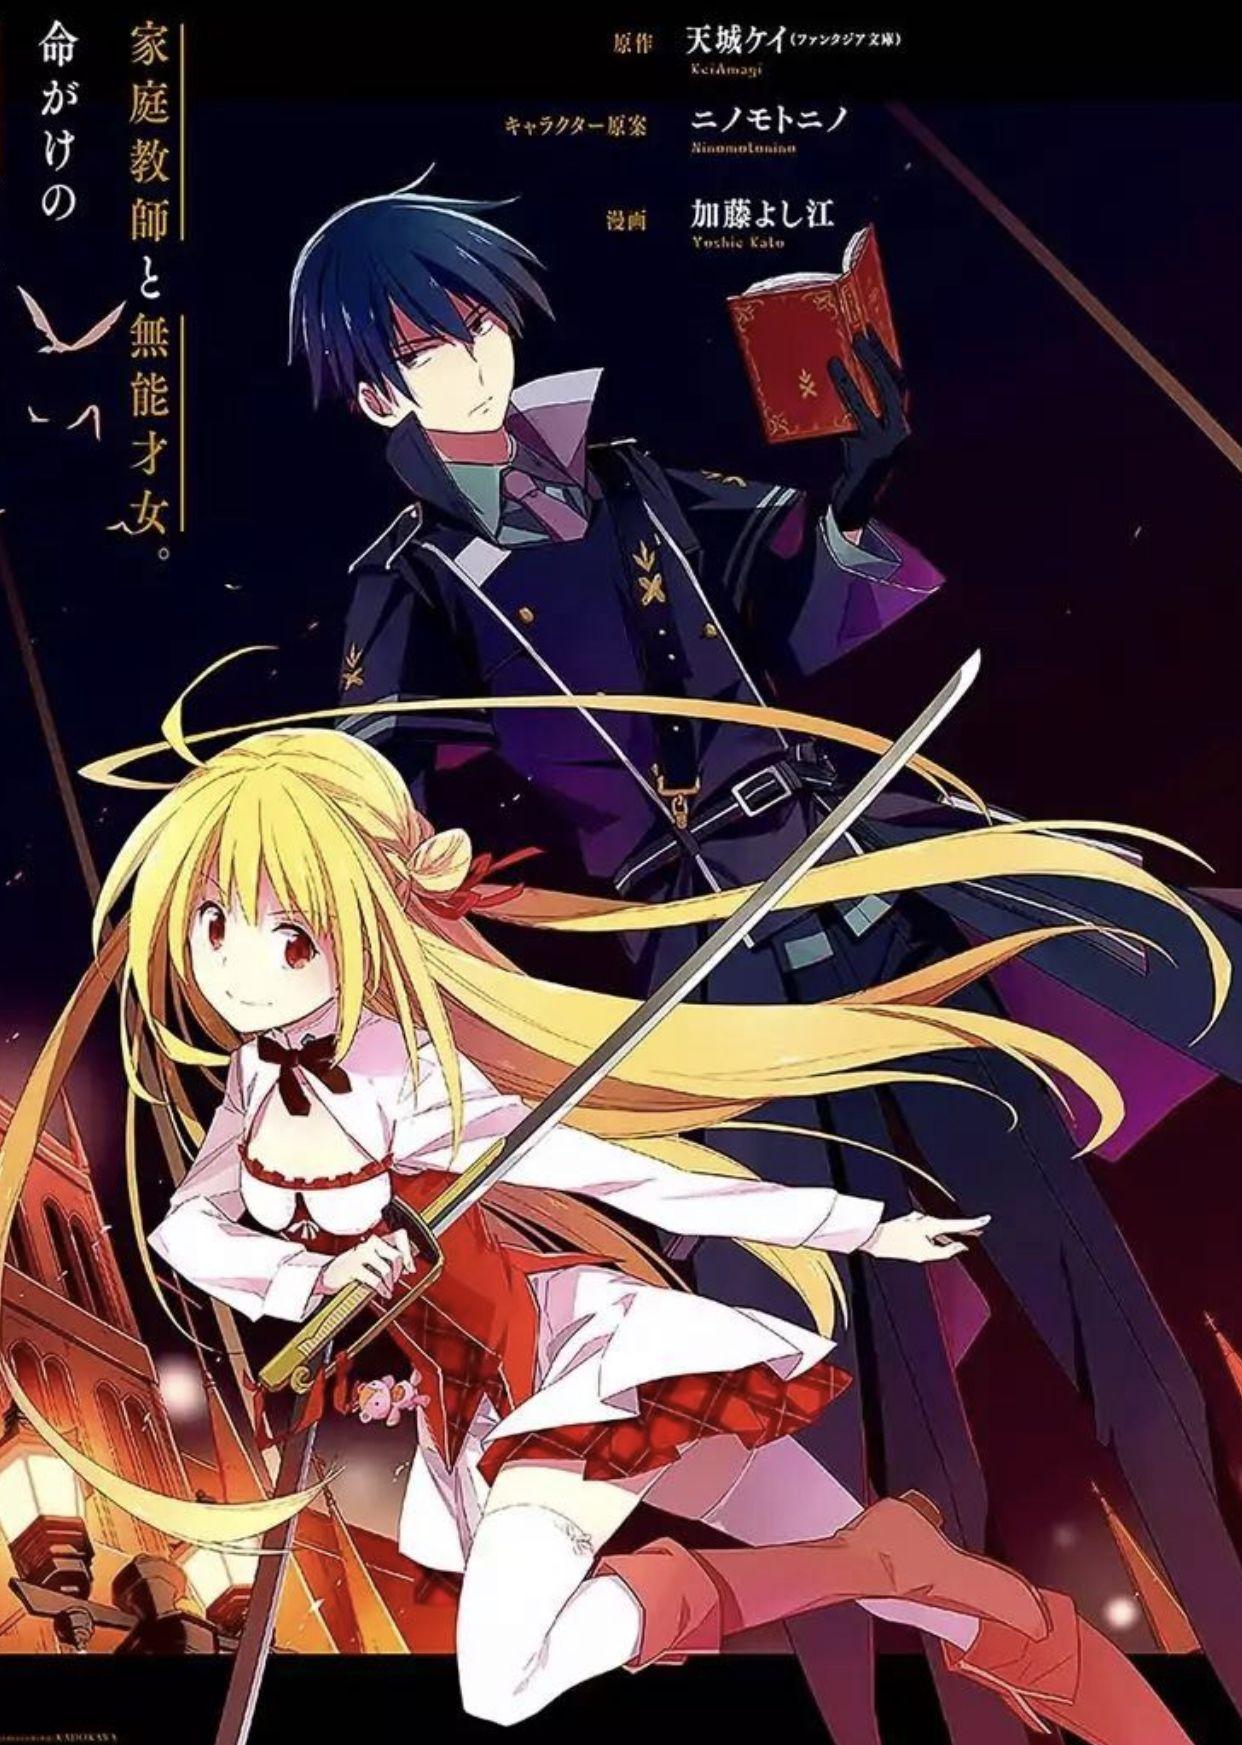 Anime de Animemangaluver em Assassin's Pride Manga Garotas